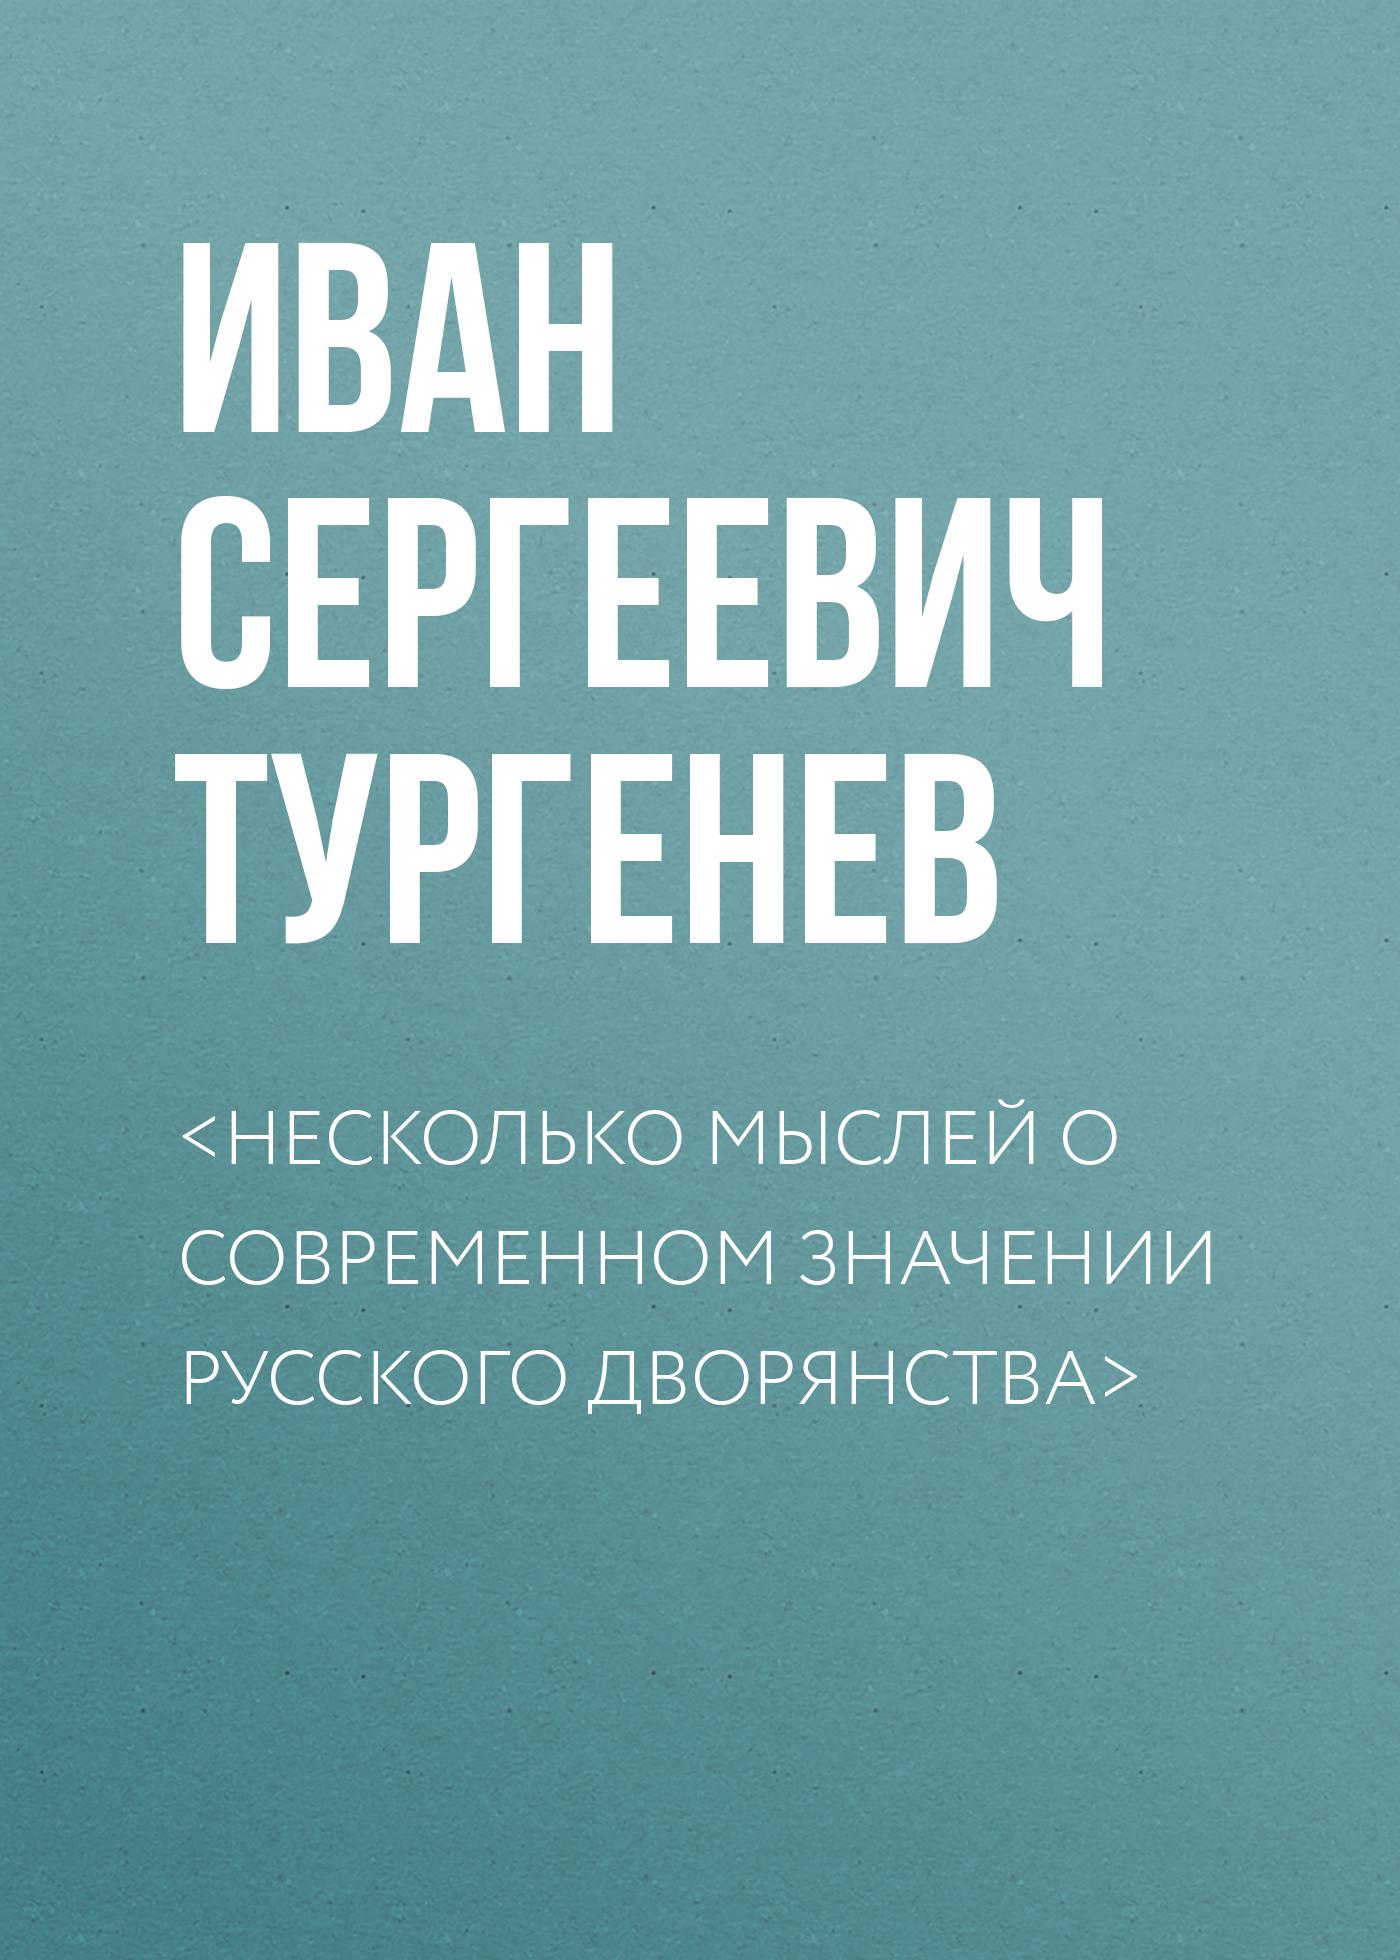 neskolko mysley o sovremennom znachenii russkogo dvoryanstva